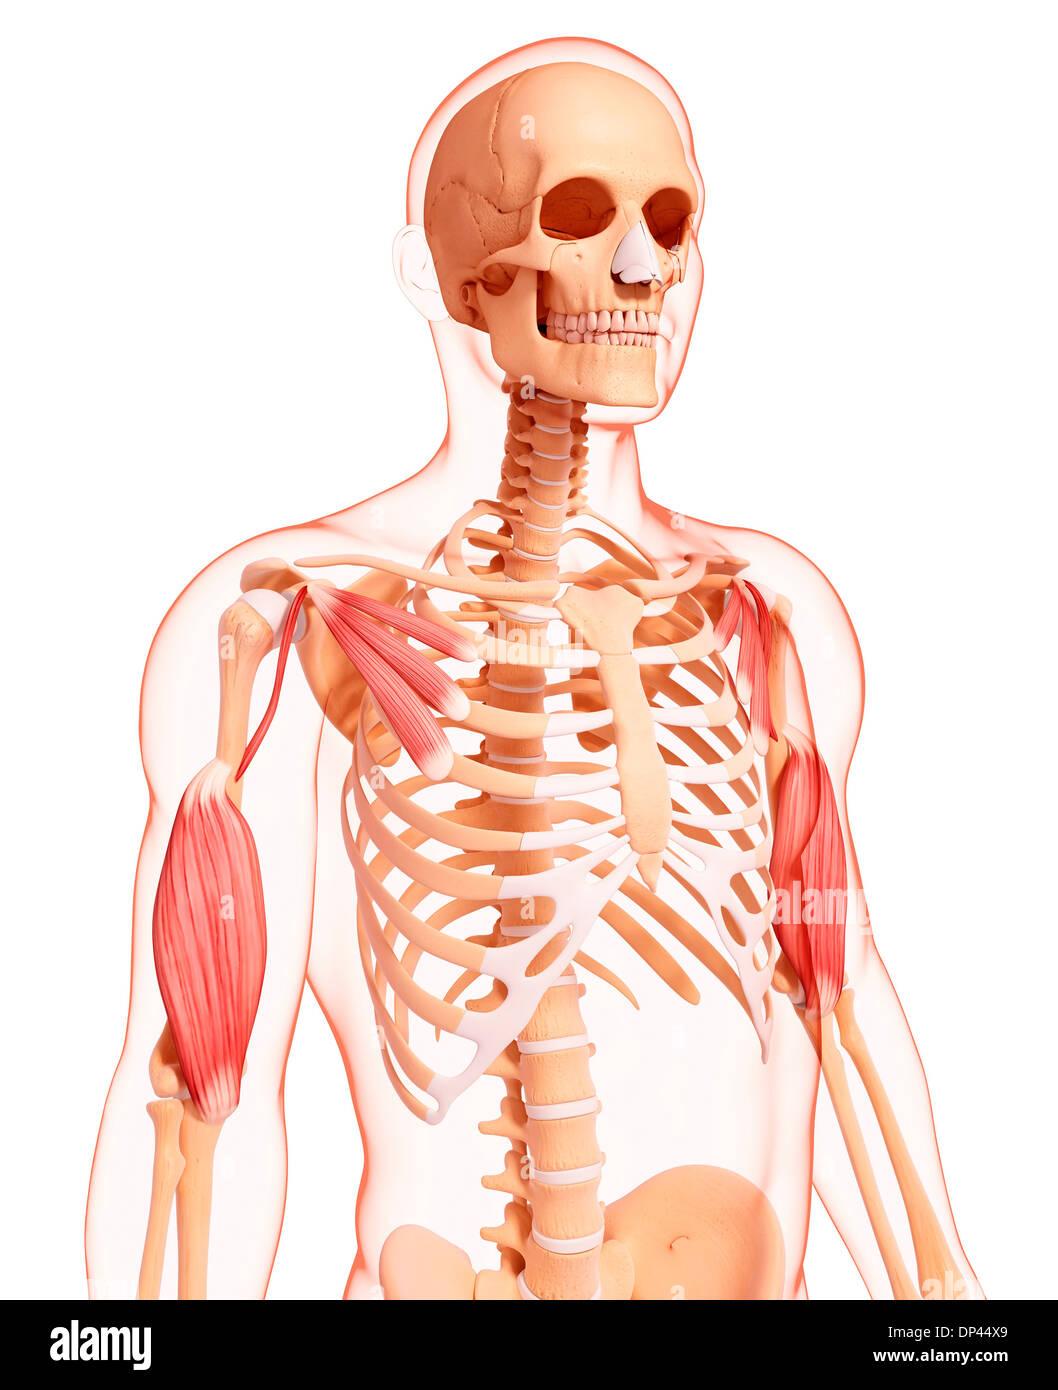 Nett Interaktive Anatomie Muskeln Galerie - Menschliche Anatomie ...